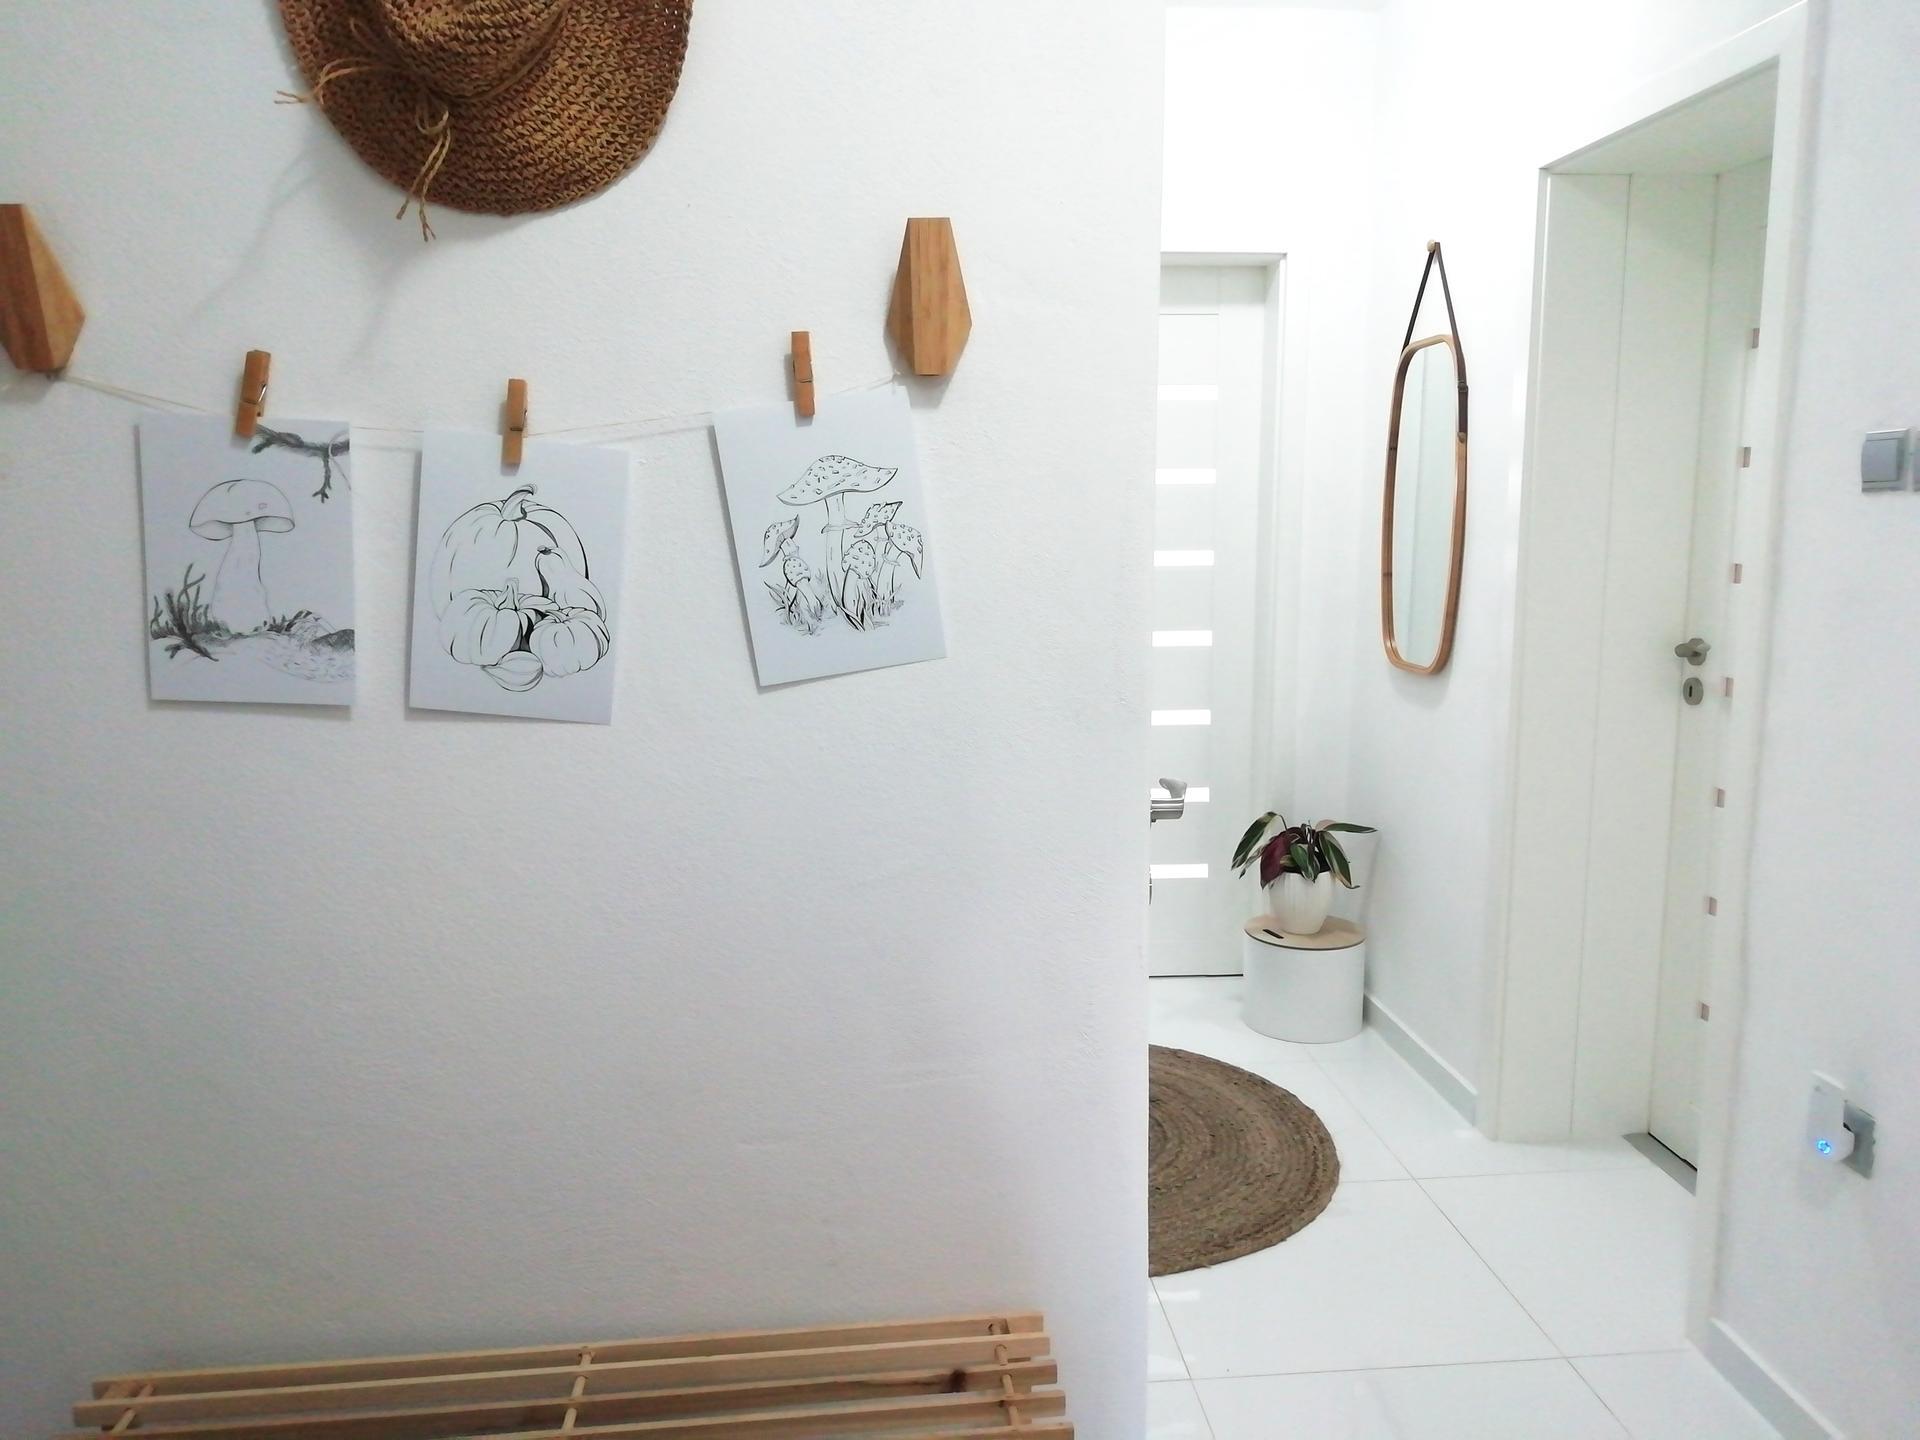 Prerábka kúpeľne, wc a chodby v byte - Obrázok č. 27